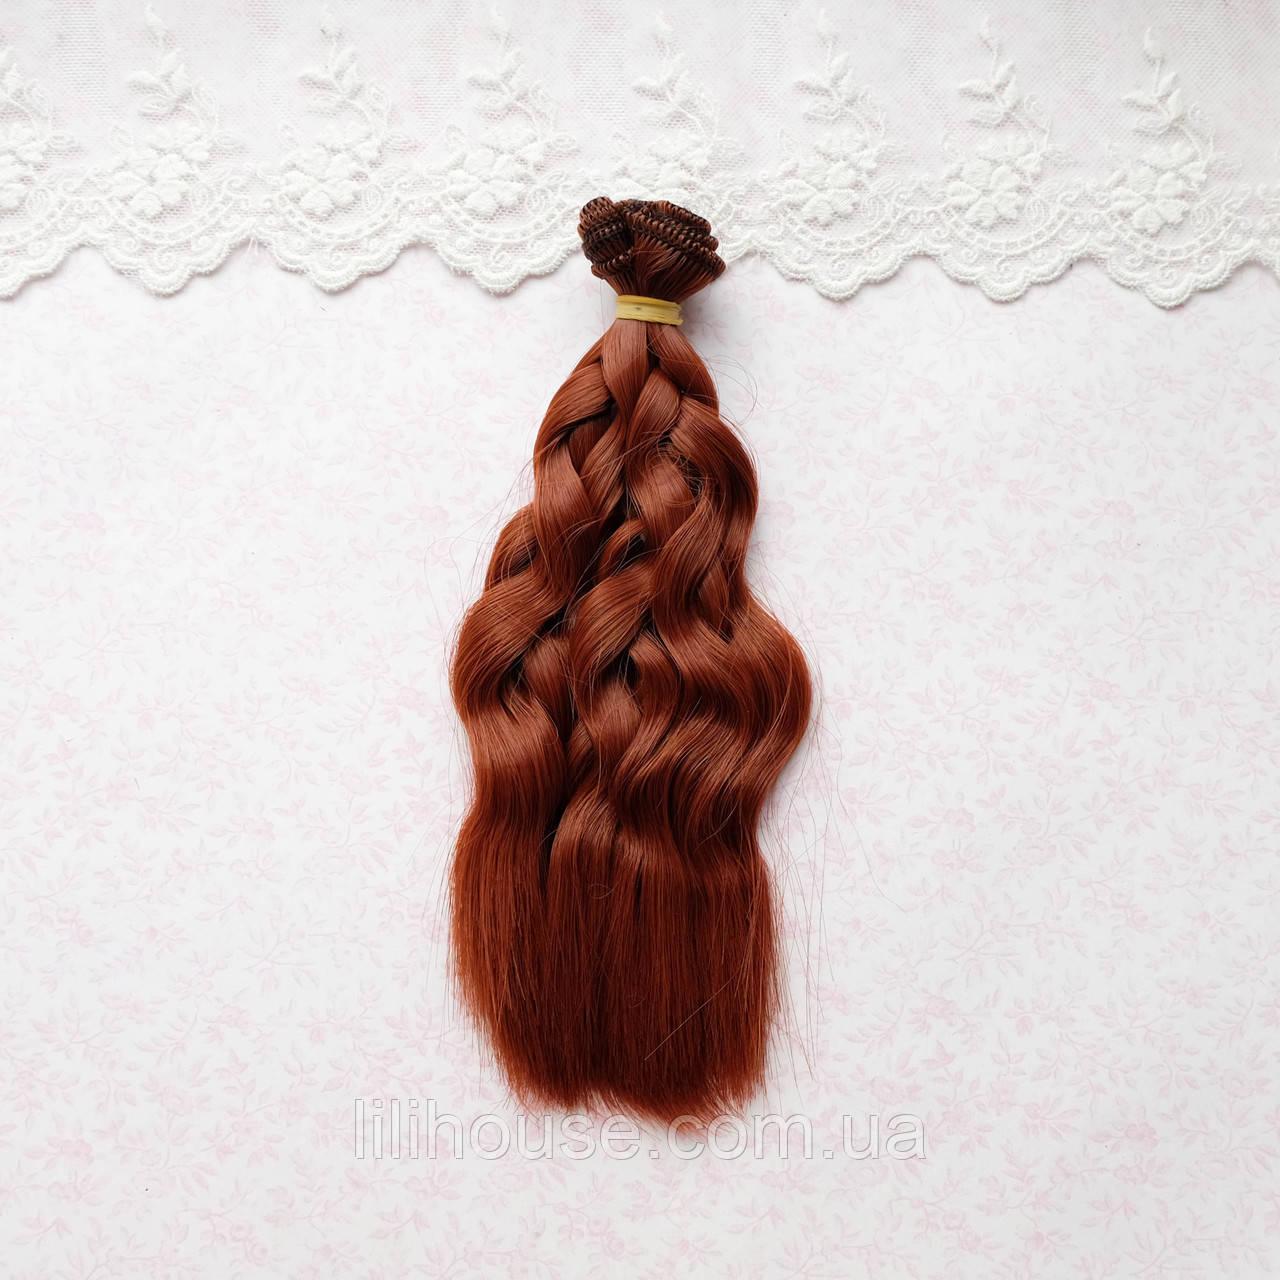 Волосы для кукол в трессах легкие кудри косичка, медь - 15 см